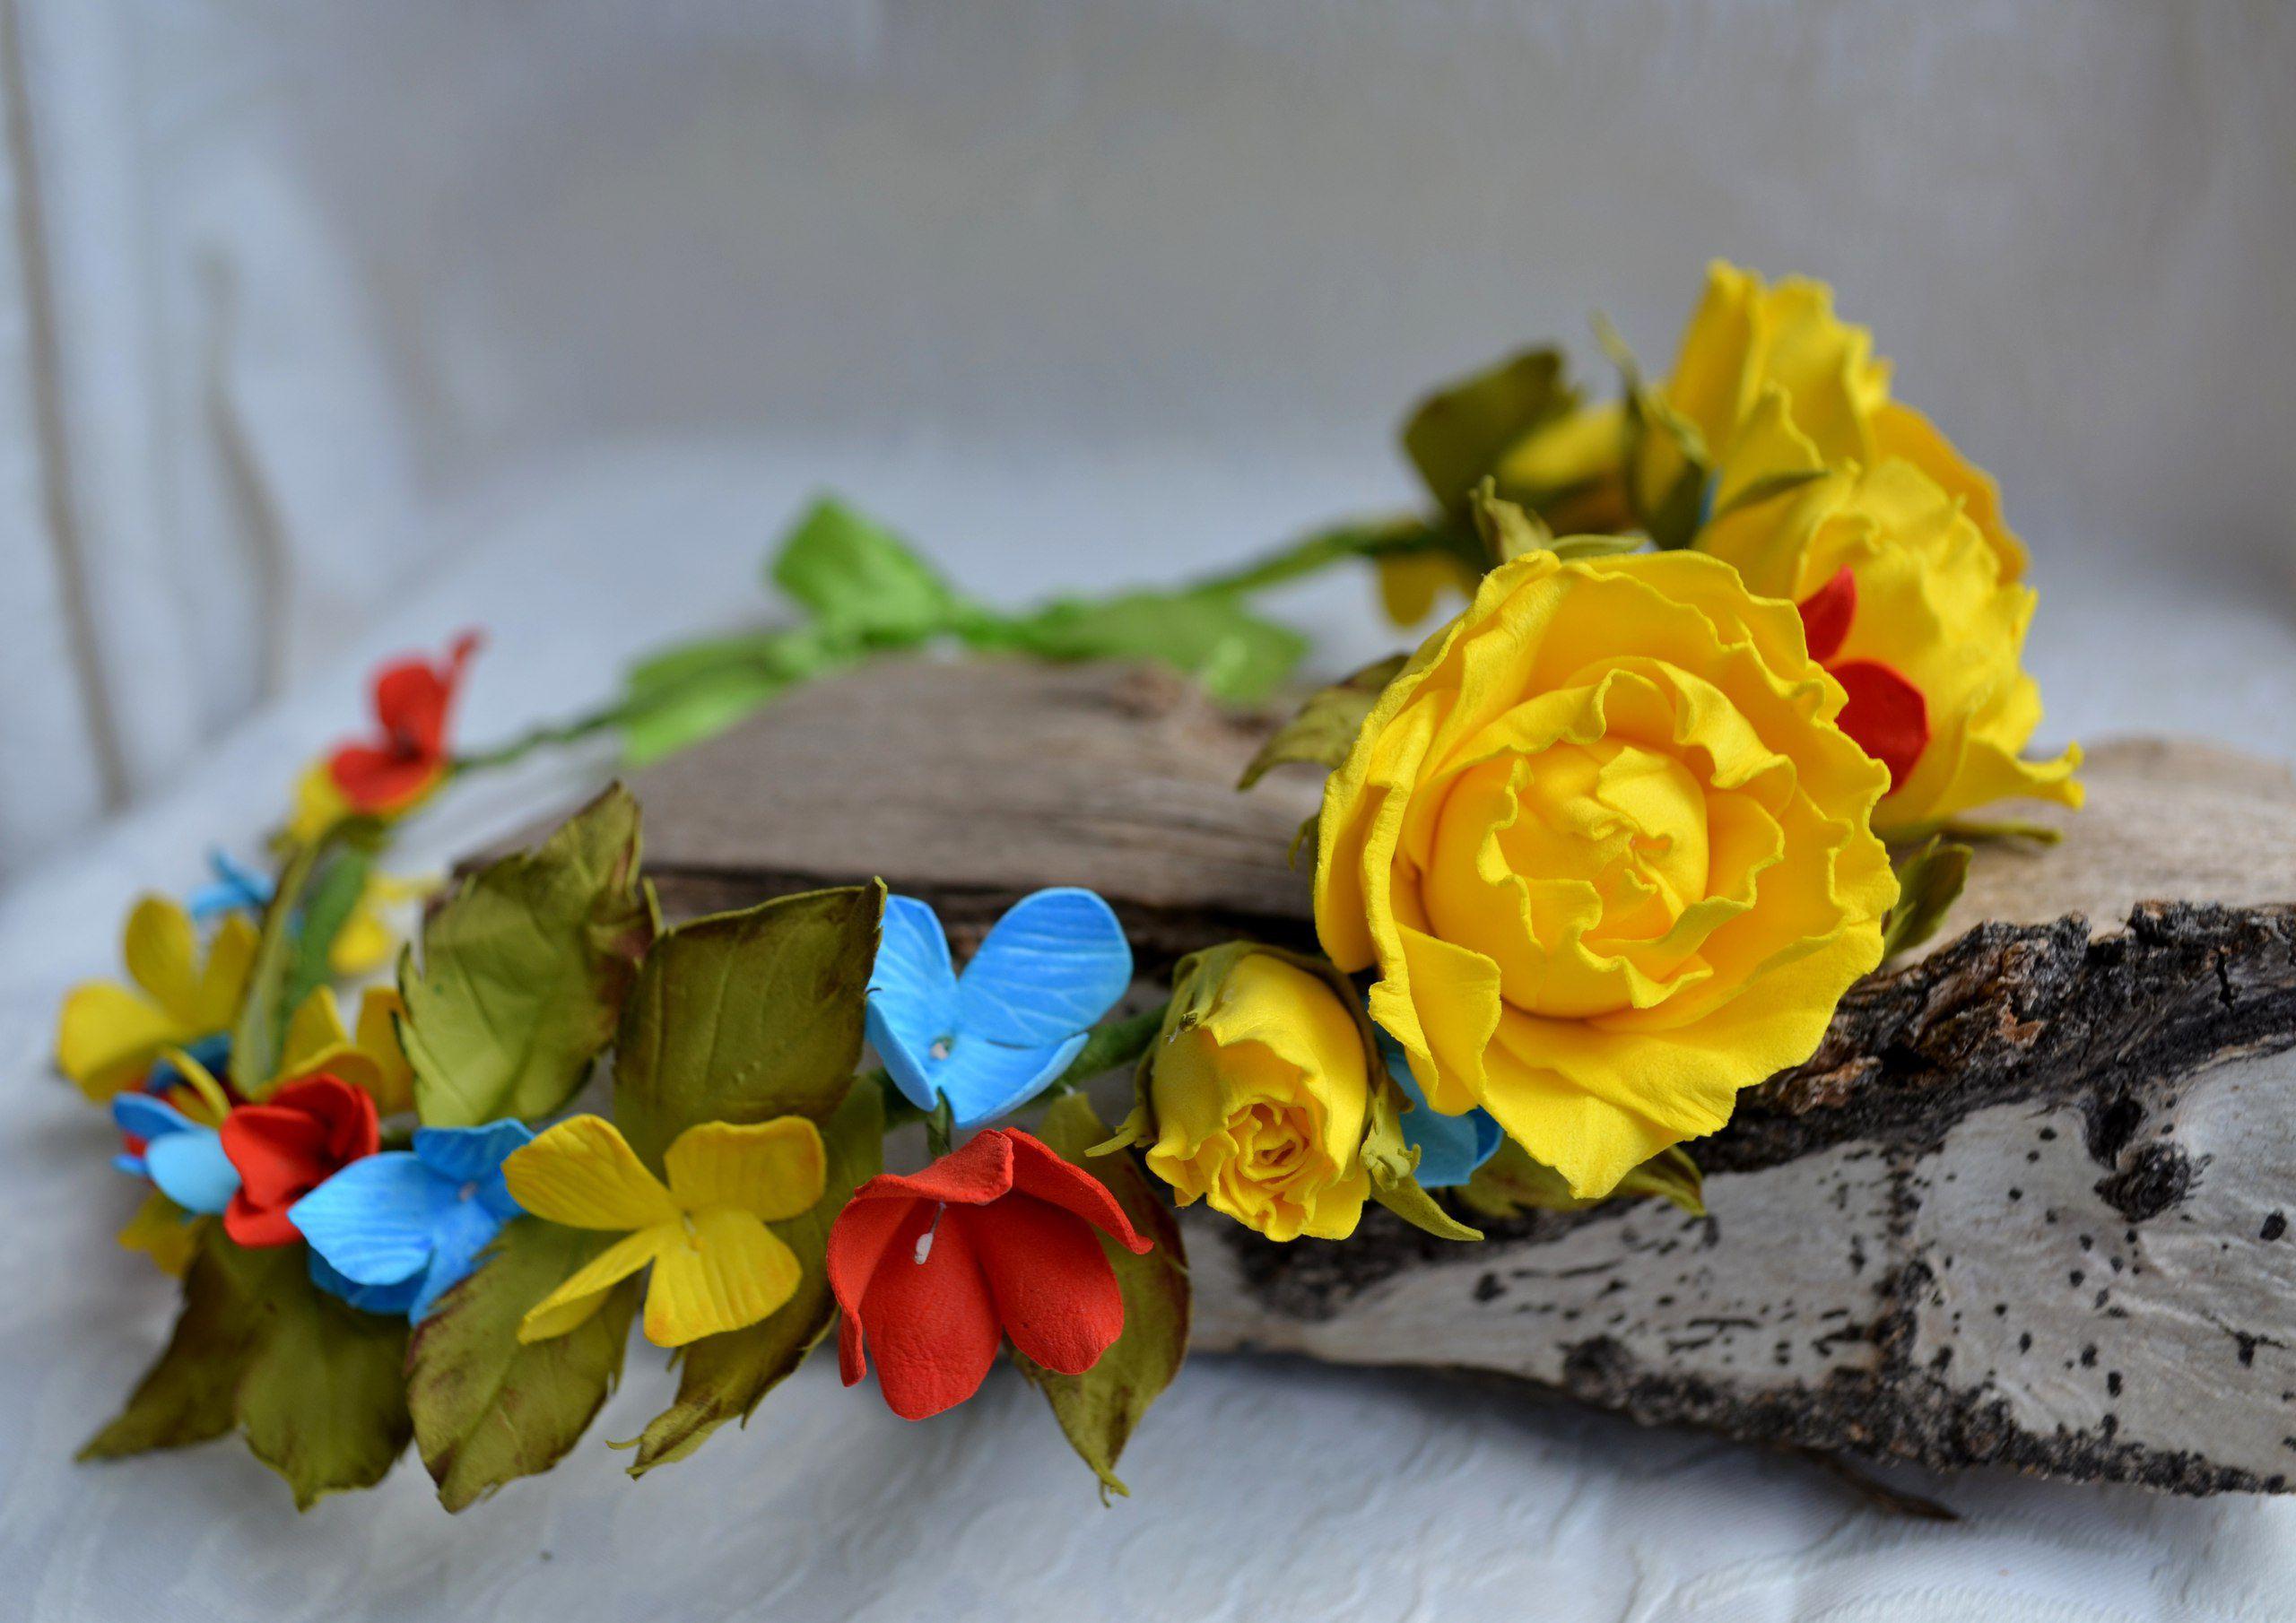 прическу голову на украшение праздник фоамиран розы цветы венок в фотосессия.